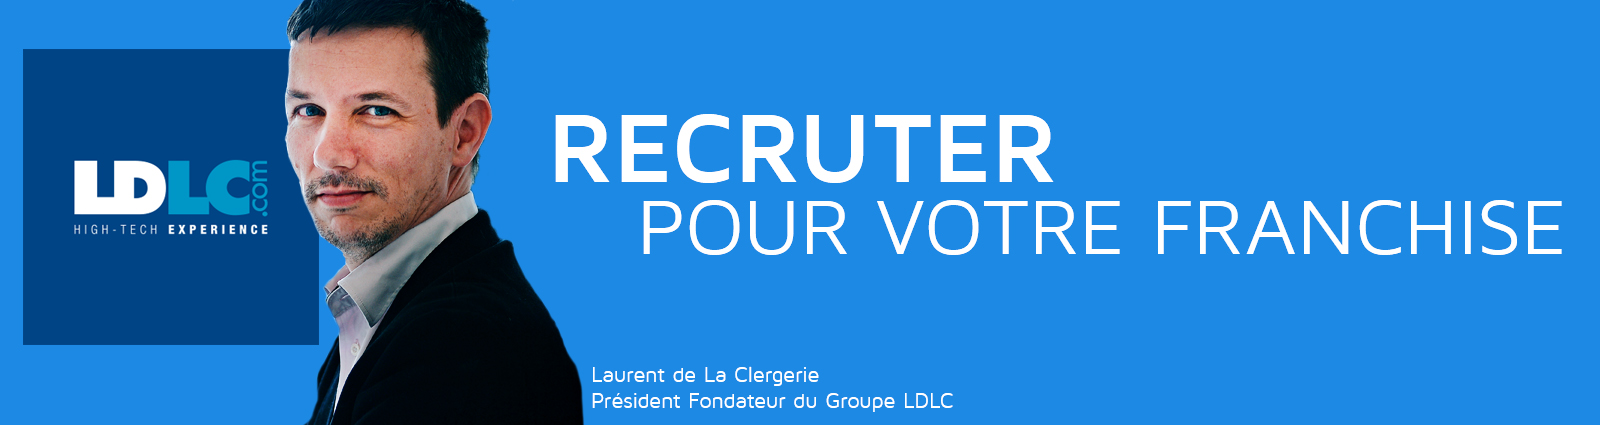 Développer - Recruter pour votre Franchise - LDLC - Franchise Management